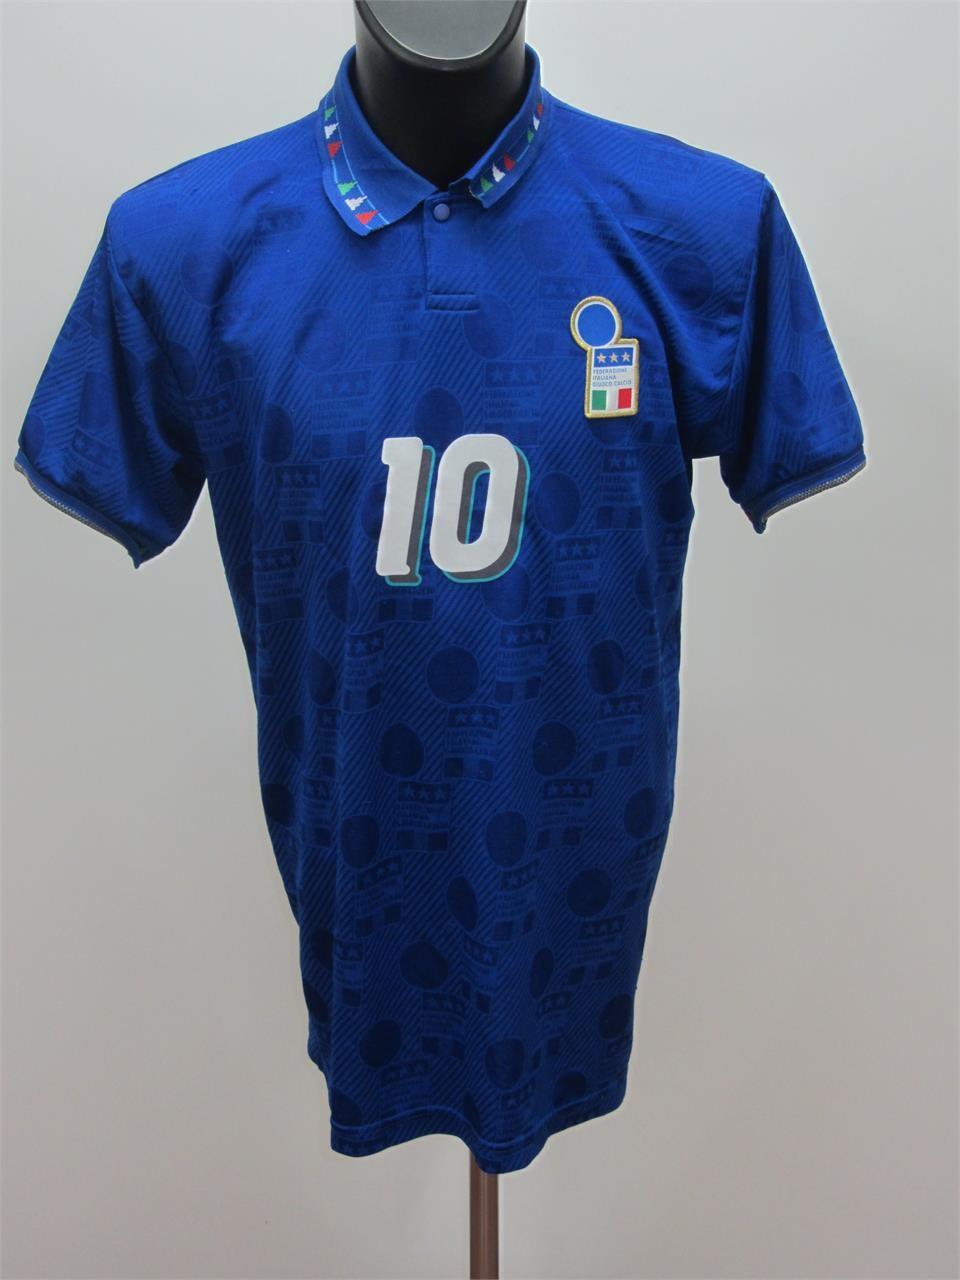 1994年世界杯,没有美丽足球,只有实用主义